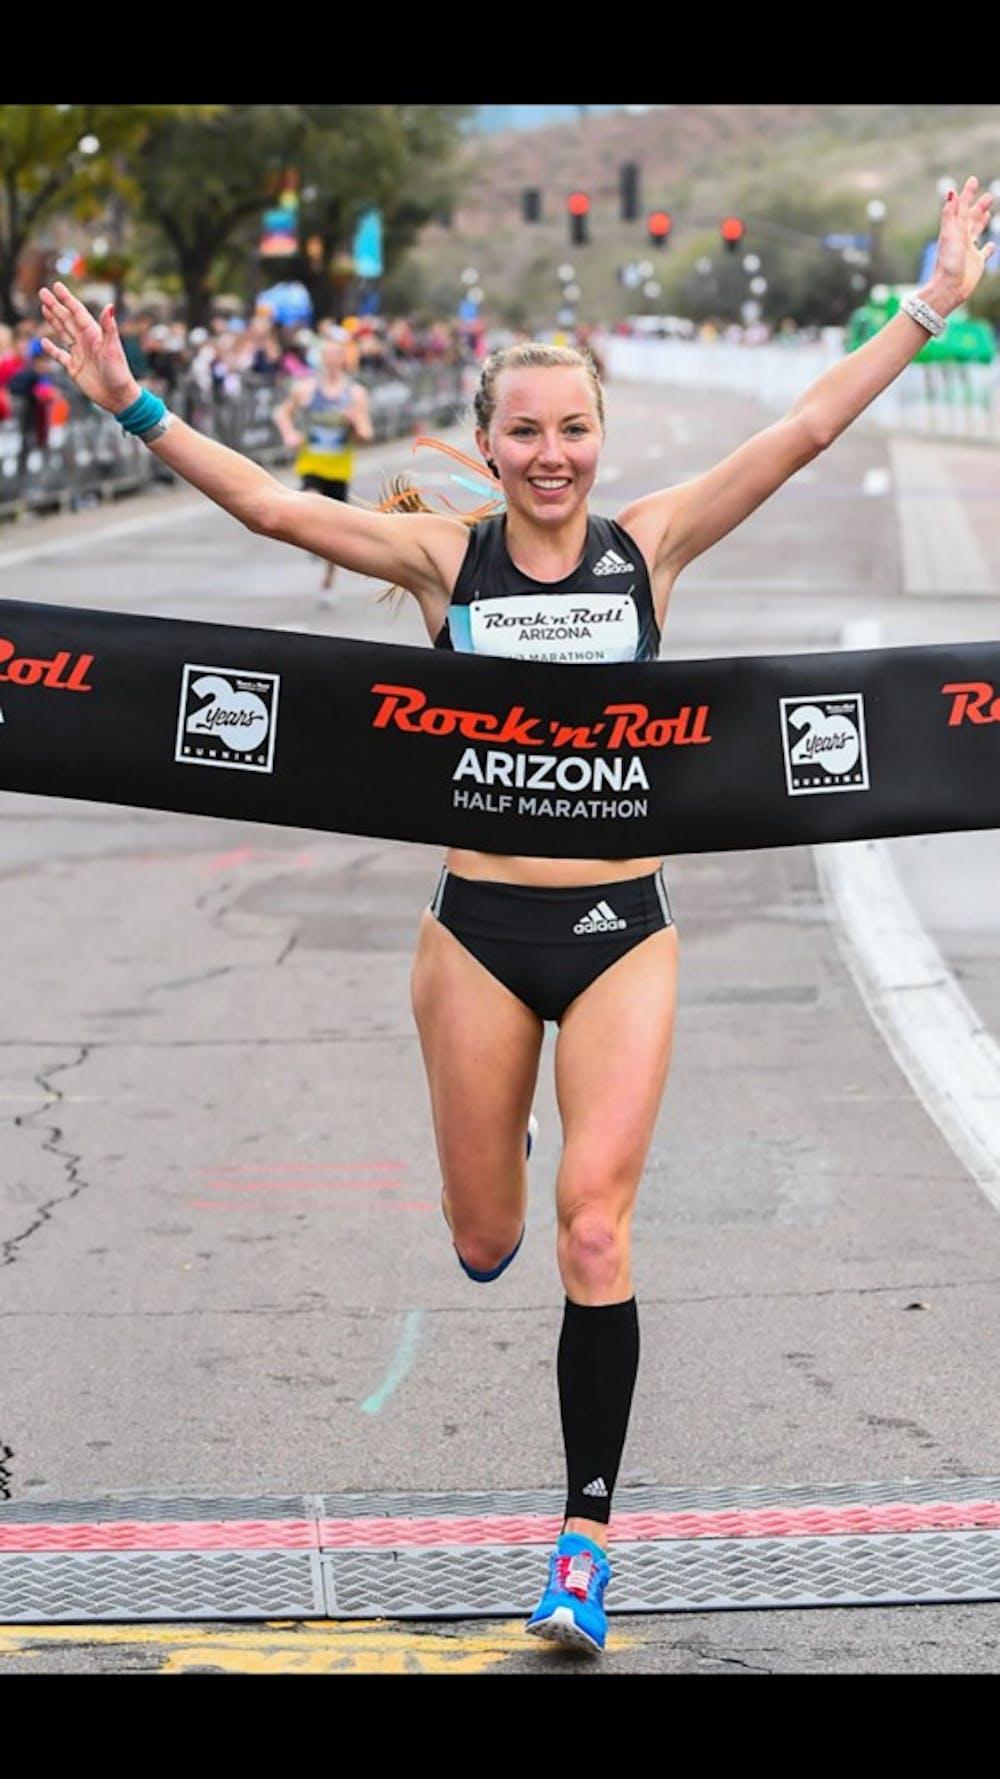 Spence Gracey wins Rock N' Roll Half Marathon in Phoenix